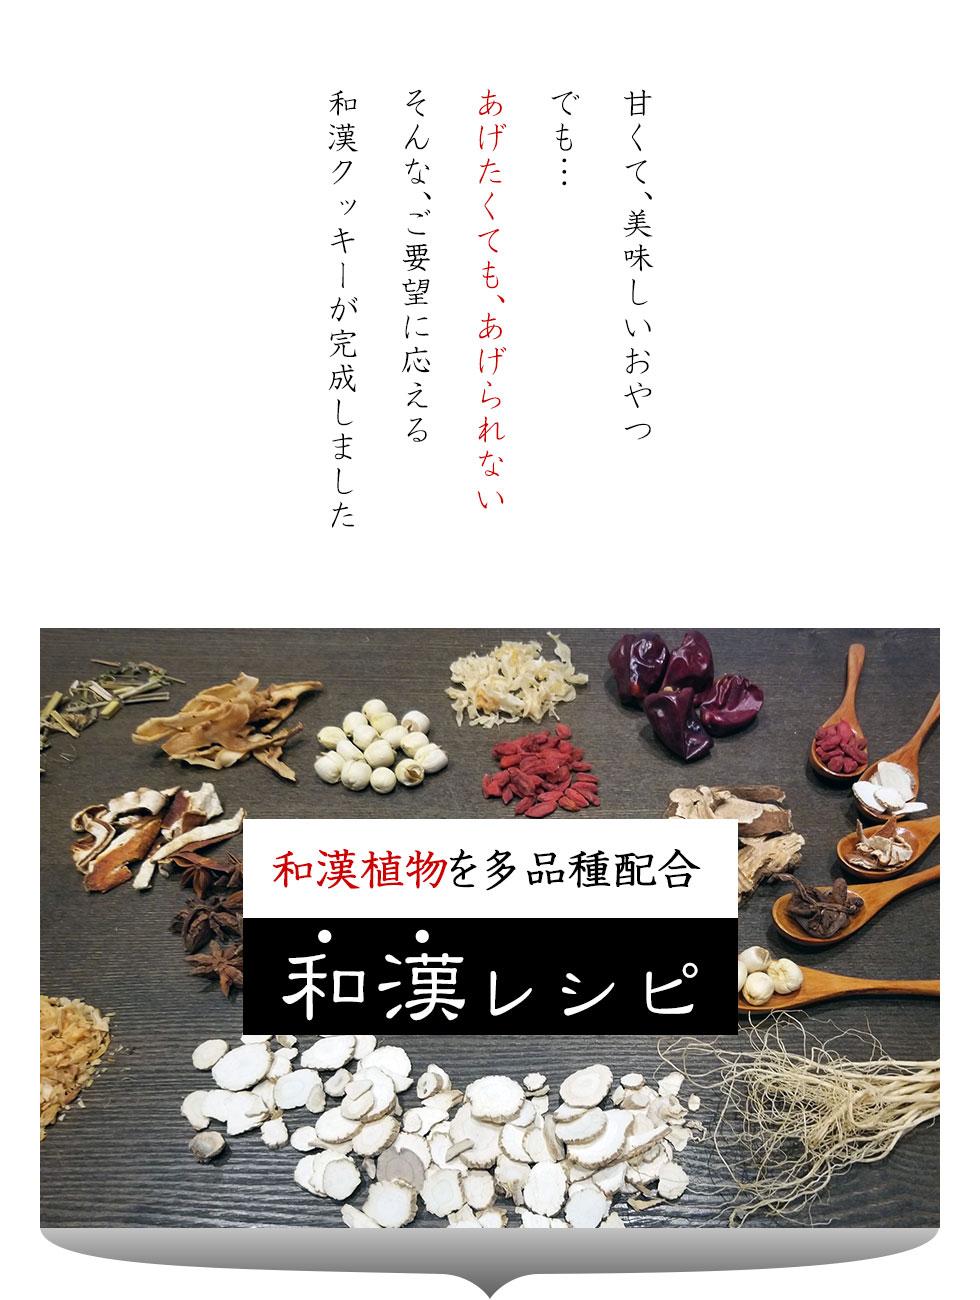 ご要望に応える和漢クッキーが完成 漢方原料の生薬を多品種配合和漢レシピ